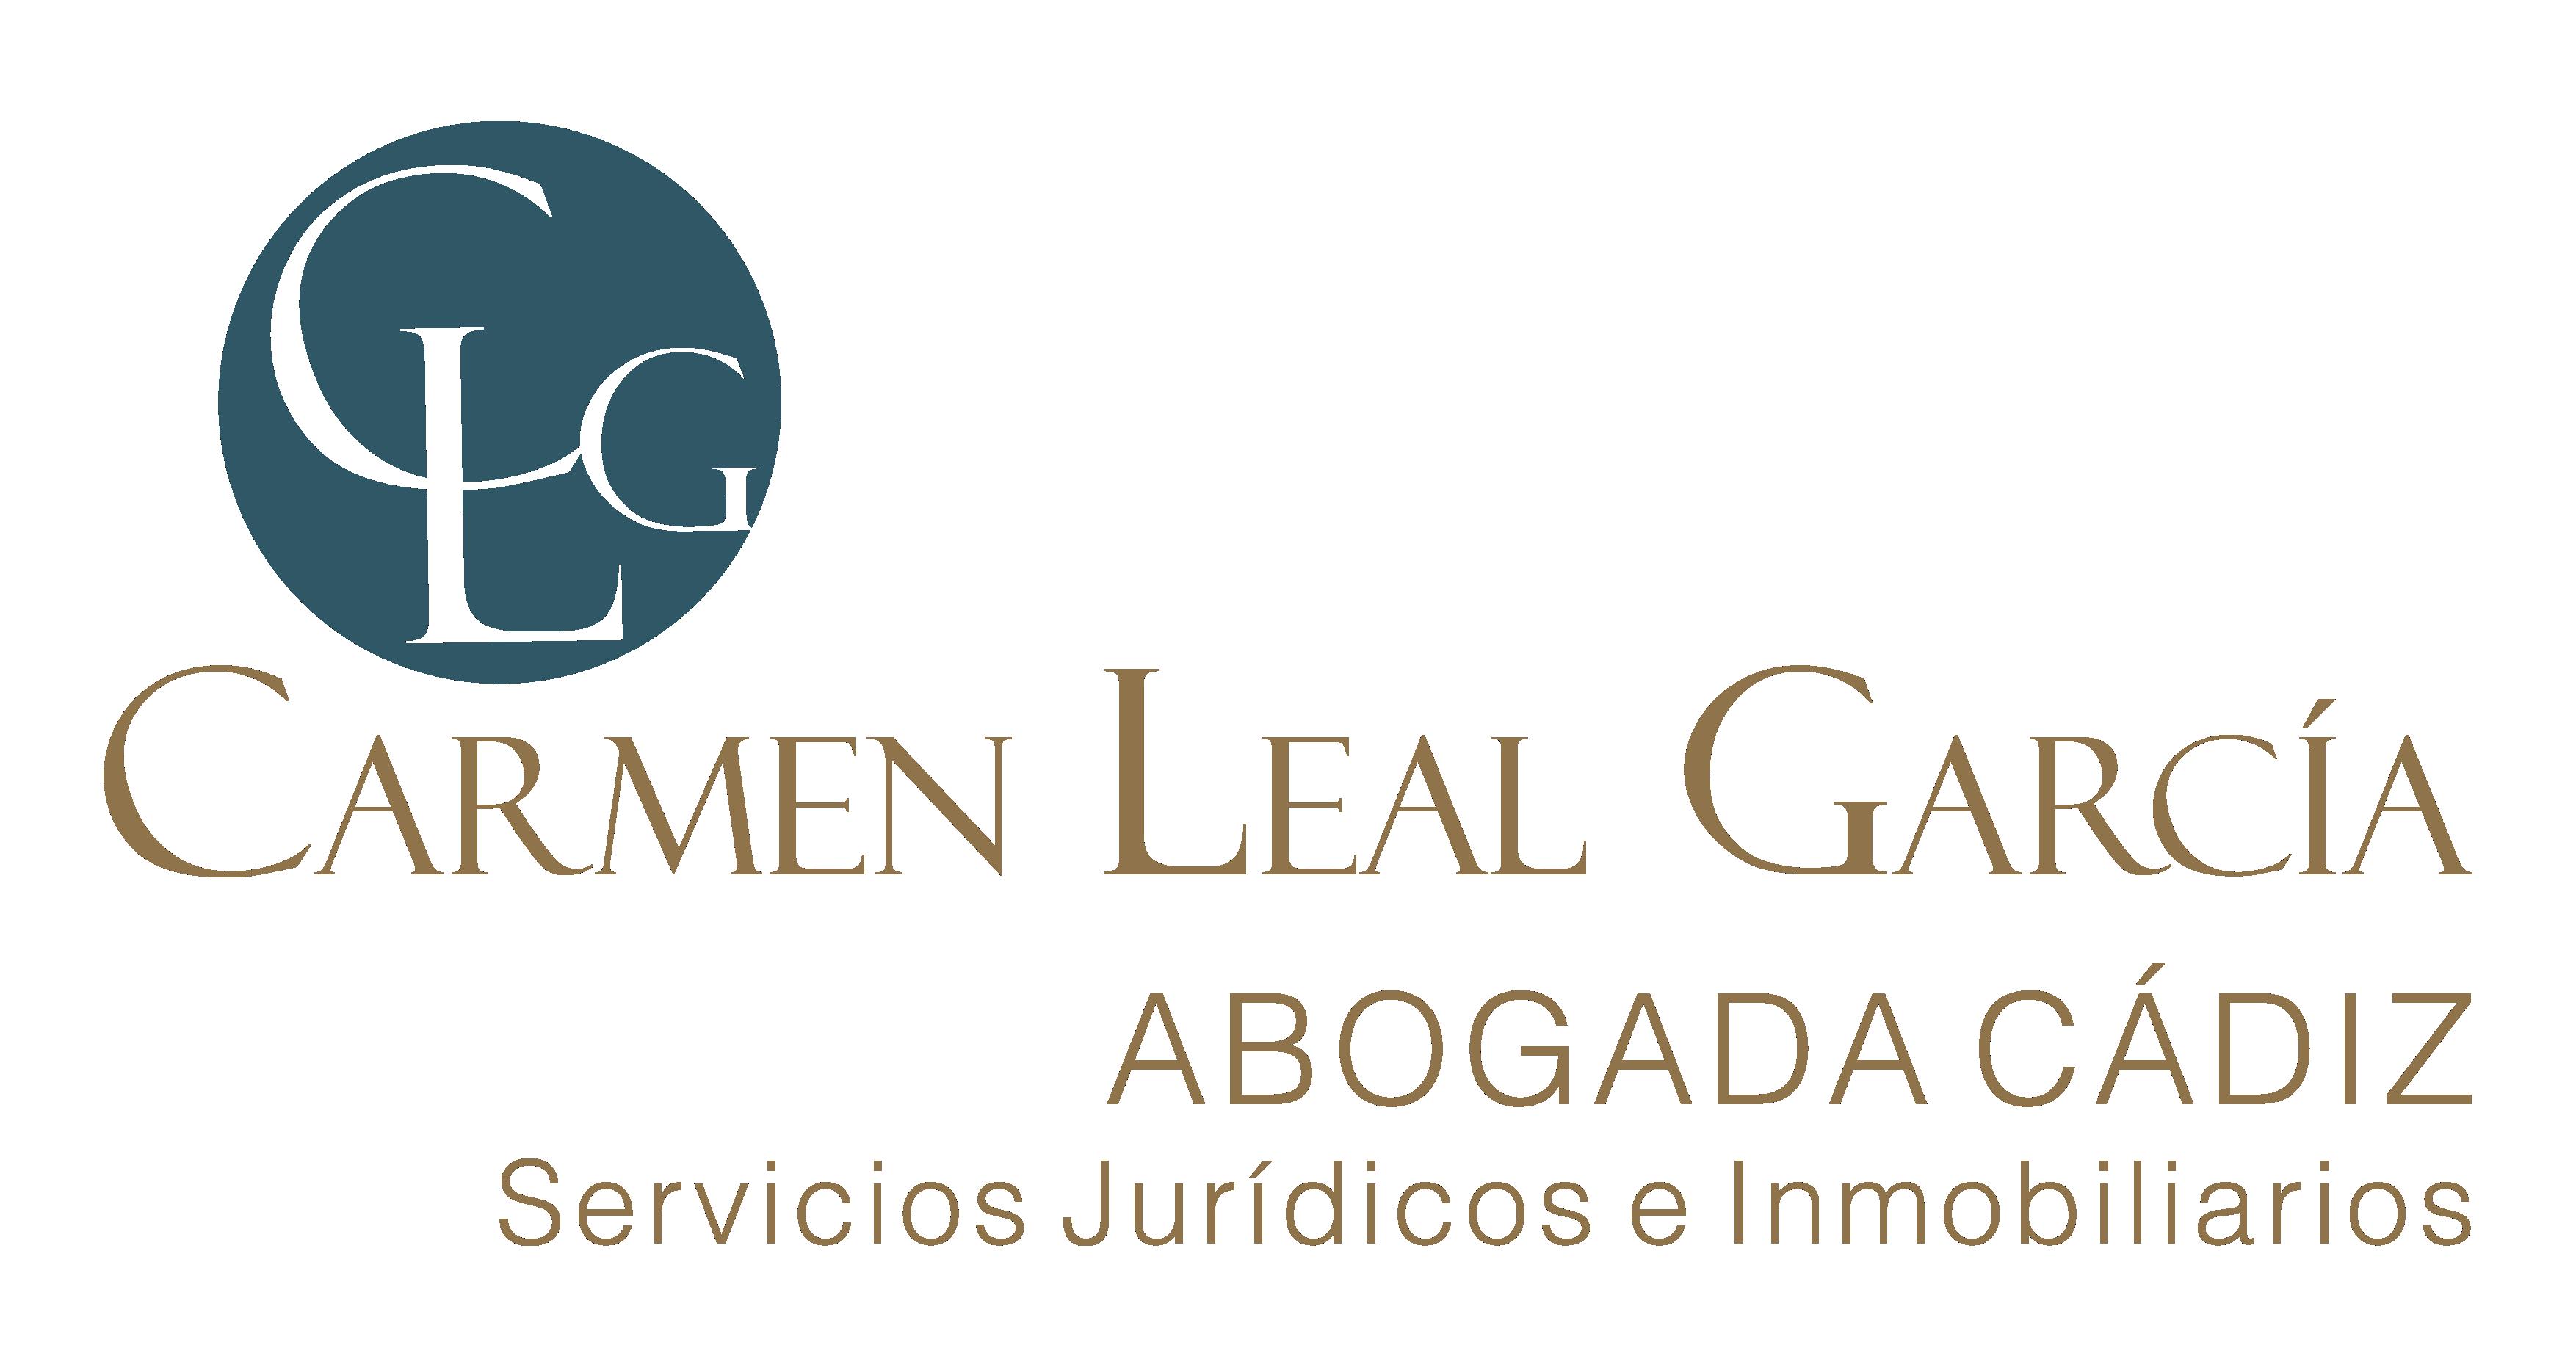 logodescriptivo_CarmenLeal